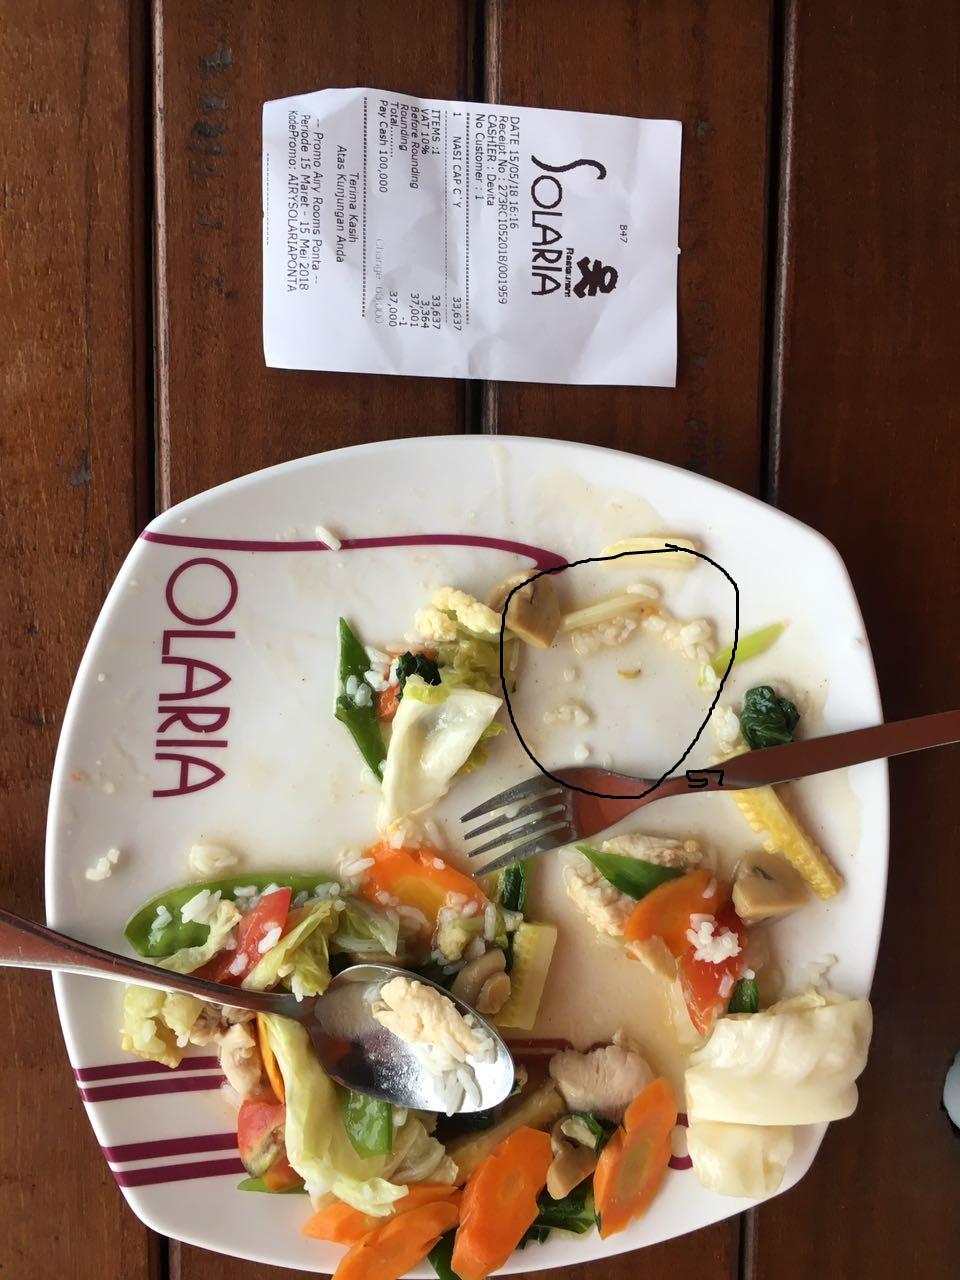 Nemu Belatung Saat Makan di Solaria, Pengunjung Resinda Park Mall Kecewa